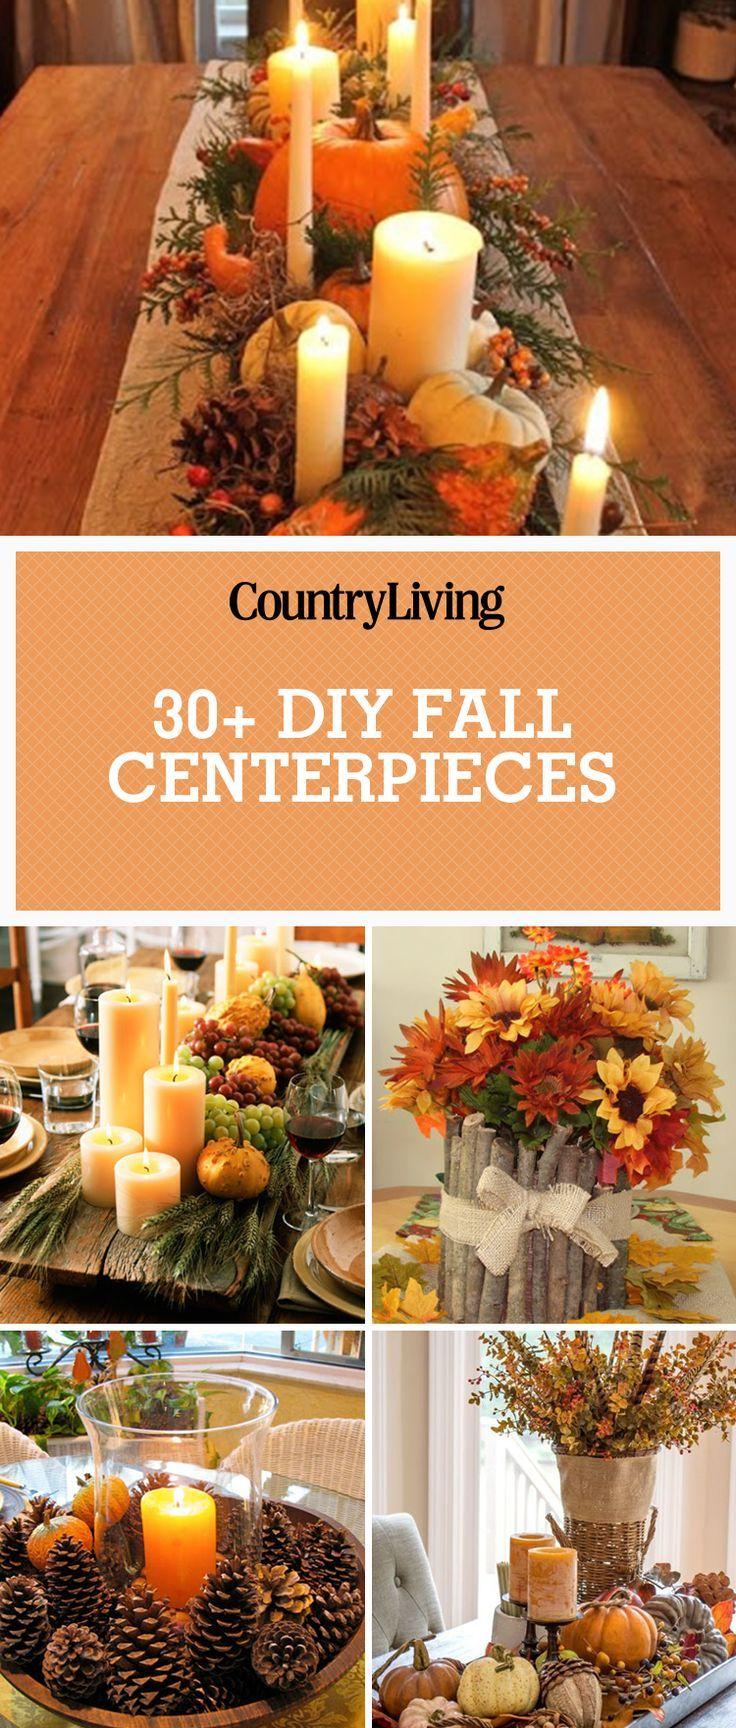 Speichern Sie diese DIY Herbstmittelstück-Ideen für später, indem Sie dieses Bild